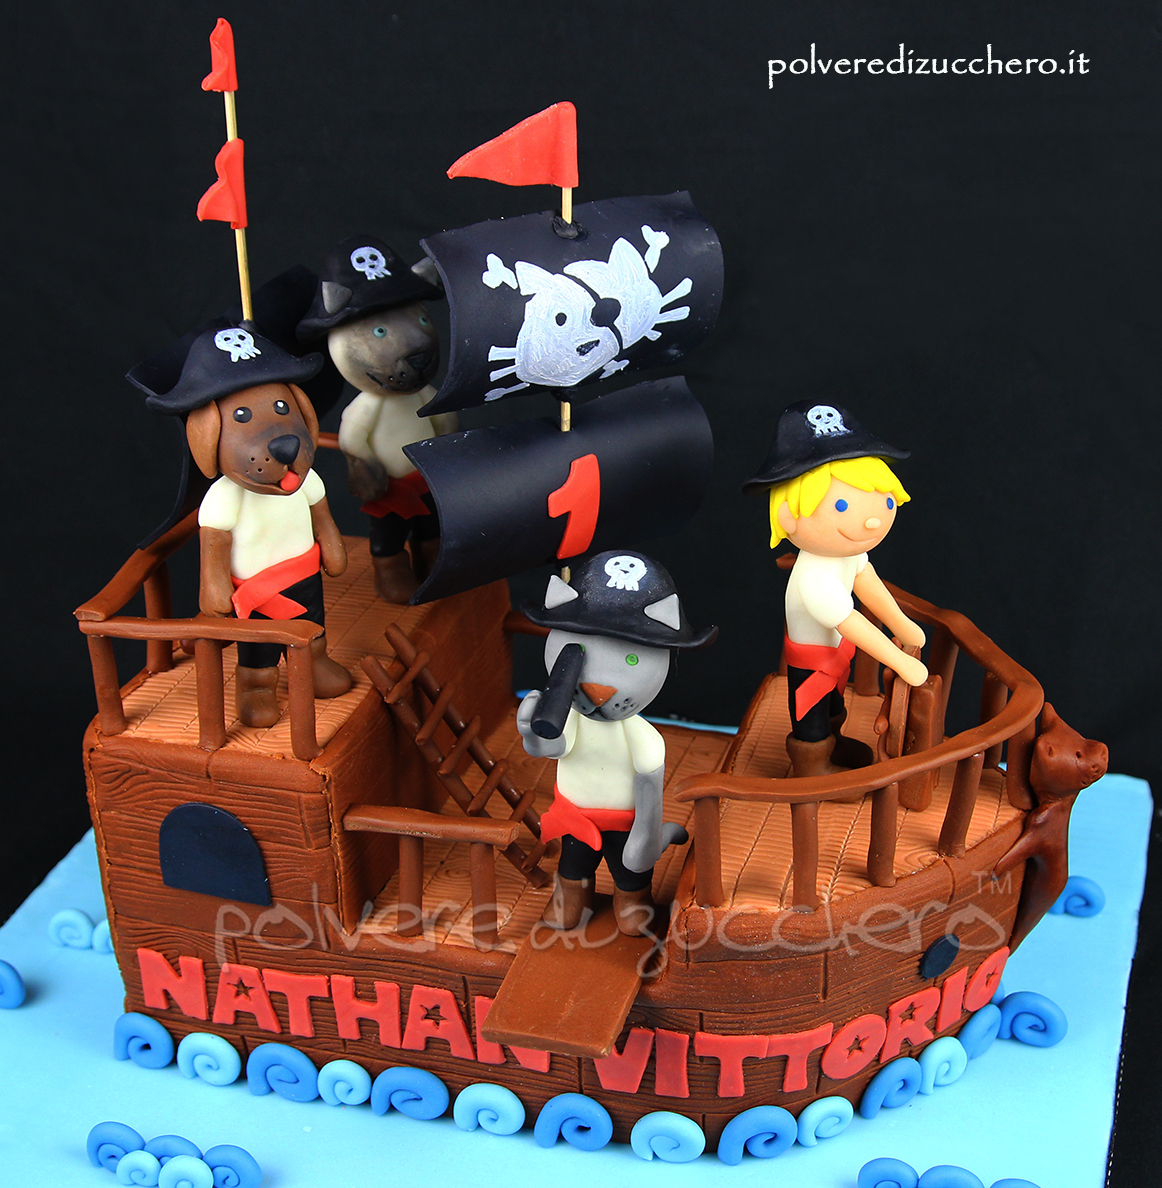 torta decorata cake design pasta di zucchero vascello dei pirati cane gatto polena fondant sugar paste pirate vessel cat dog boy